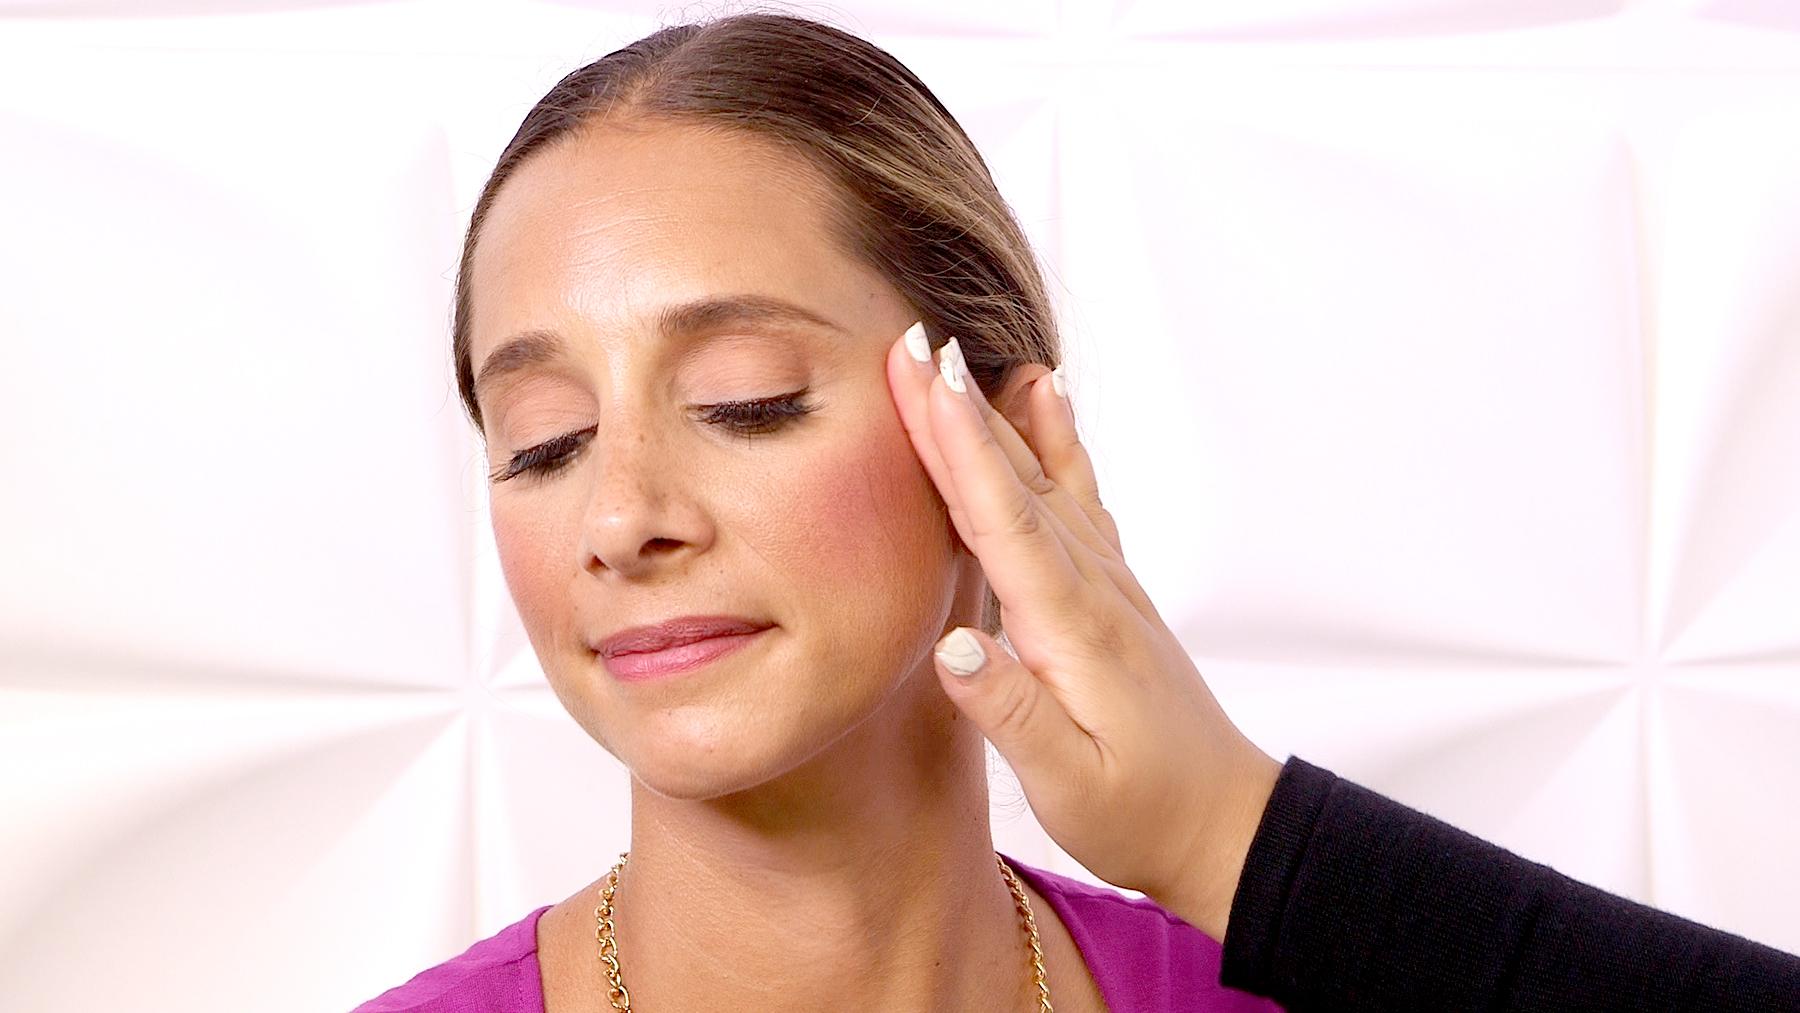 Morning Makeup: No Makeup Makeup Look